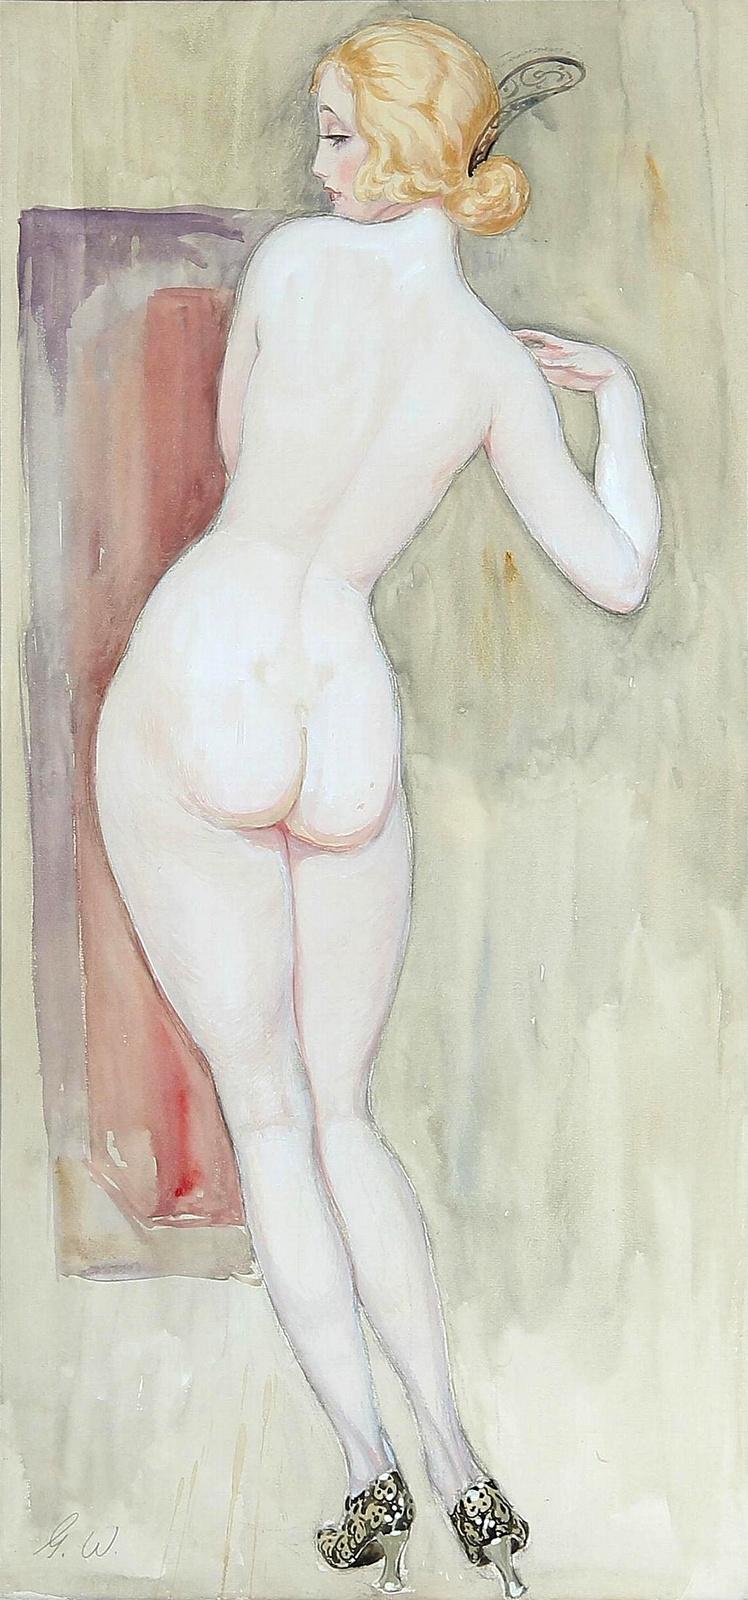 Gerda Wegener. Nude from the back